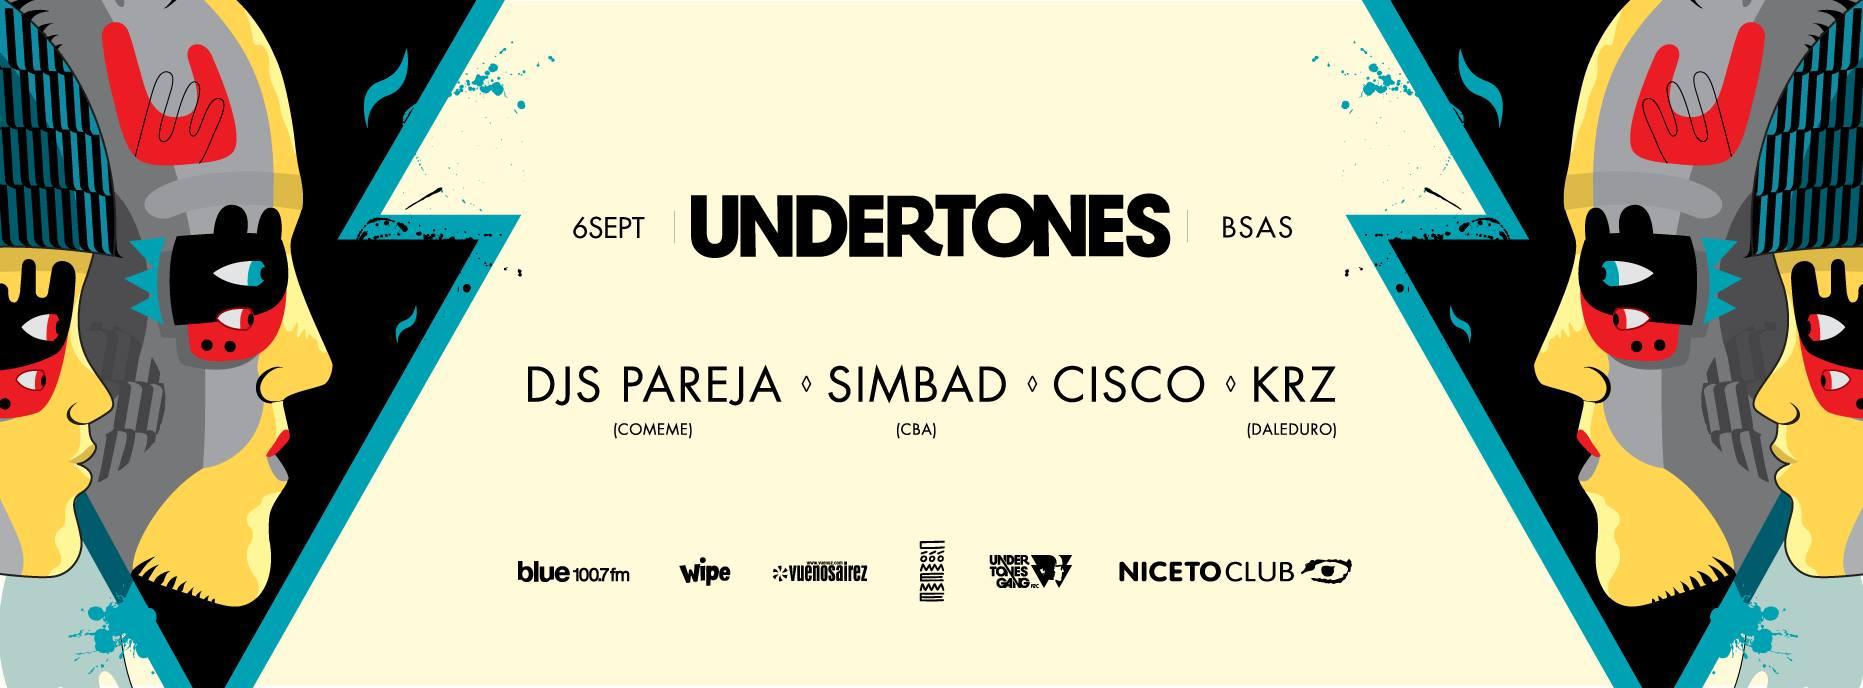 Undertones 06 sept